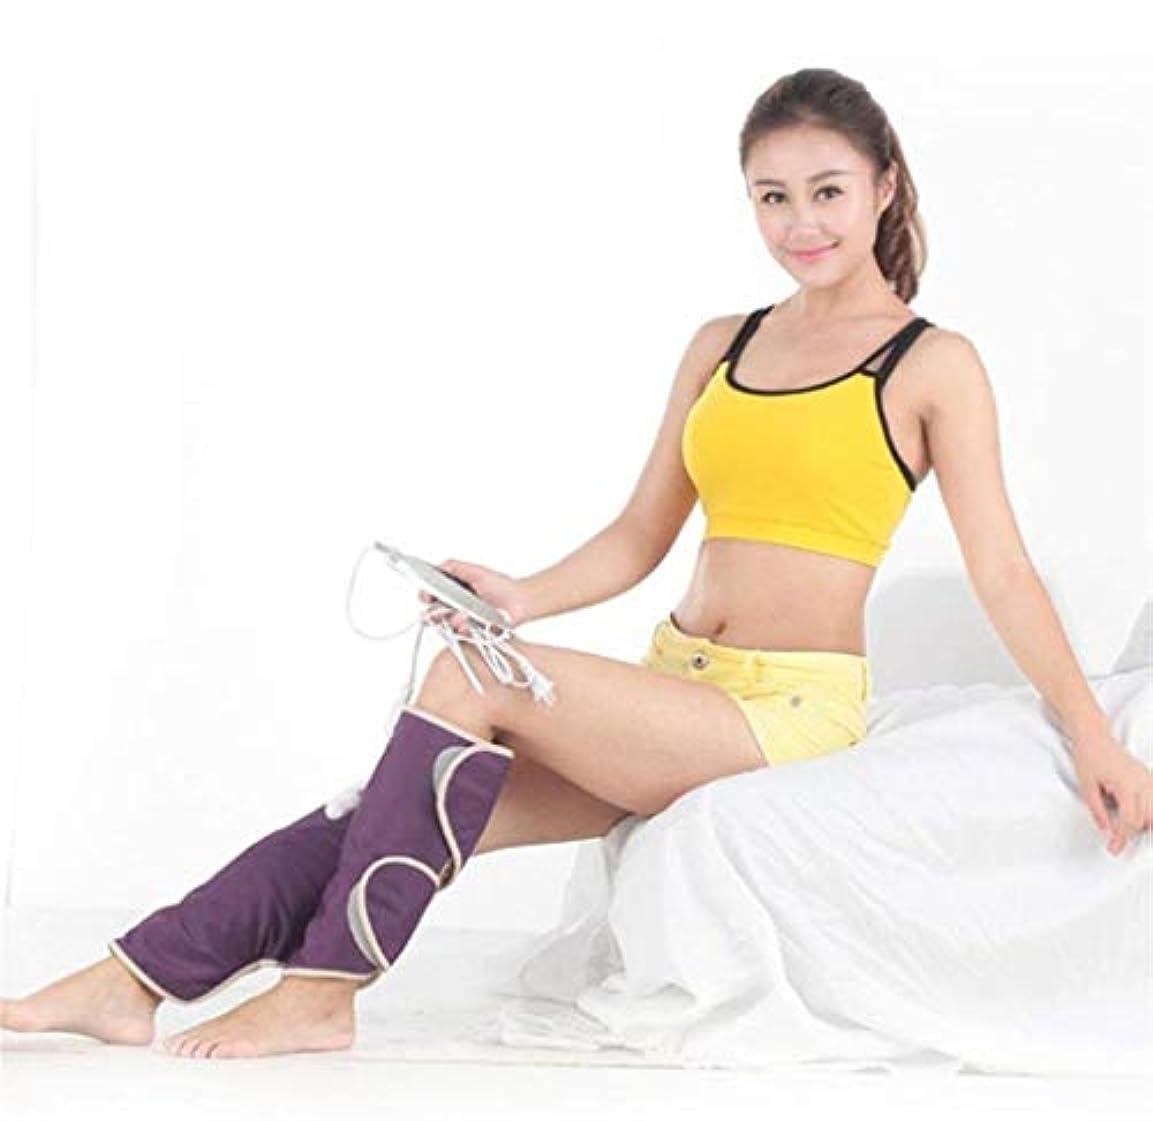 入り口居間データム電気マッサージ器、遠赤外線電気膝パッド、3つの振動モード、理学療法装置、血液循環の促進、筋肉の弛緩